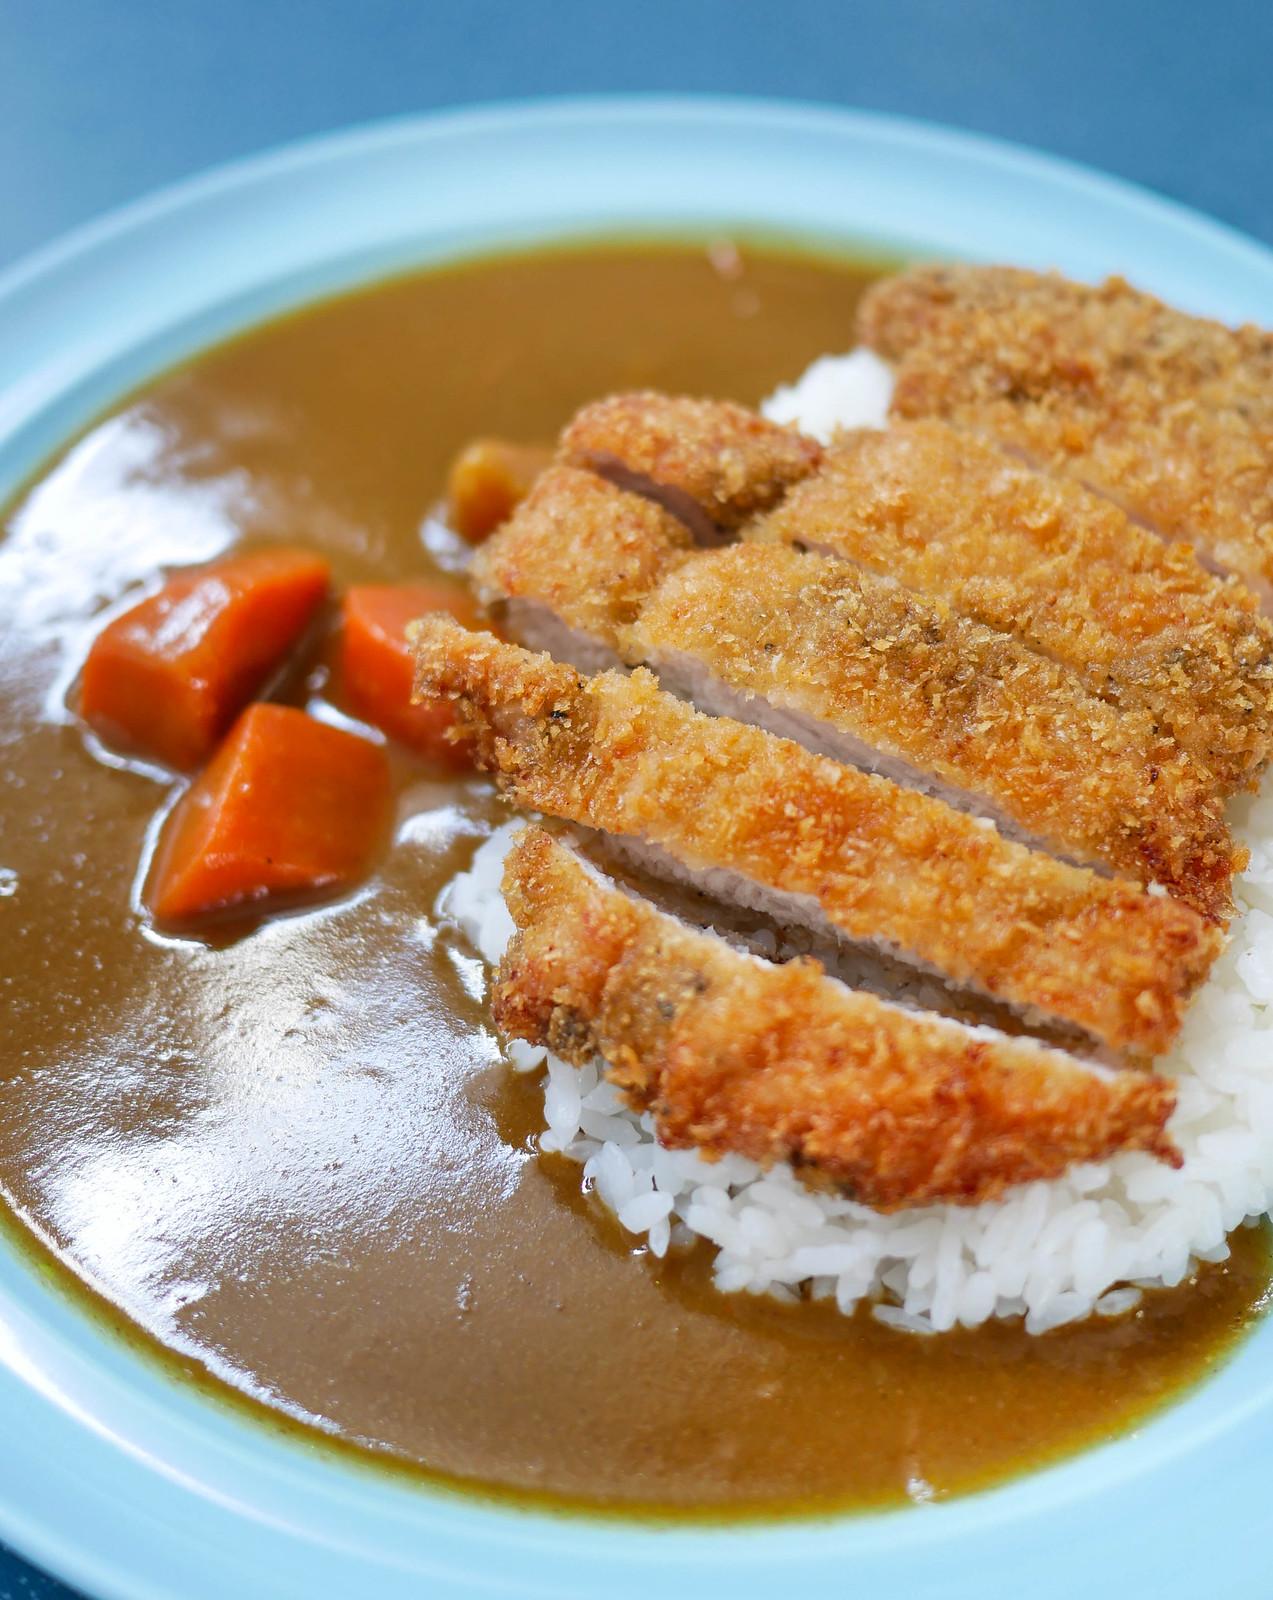 NTU Food Guide: Takashi Menya Japanese